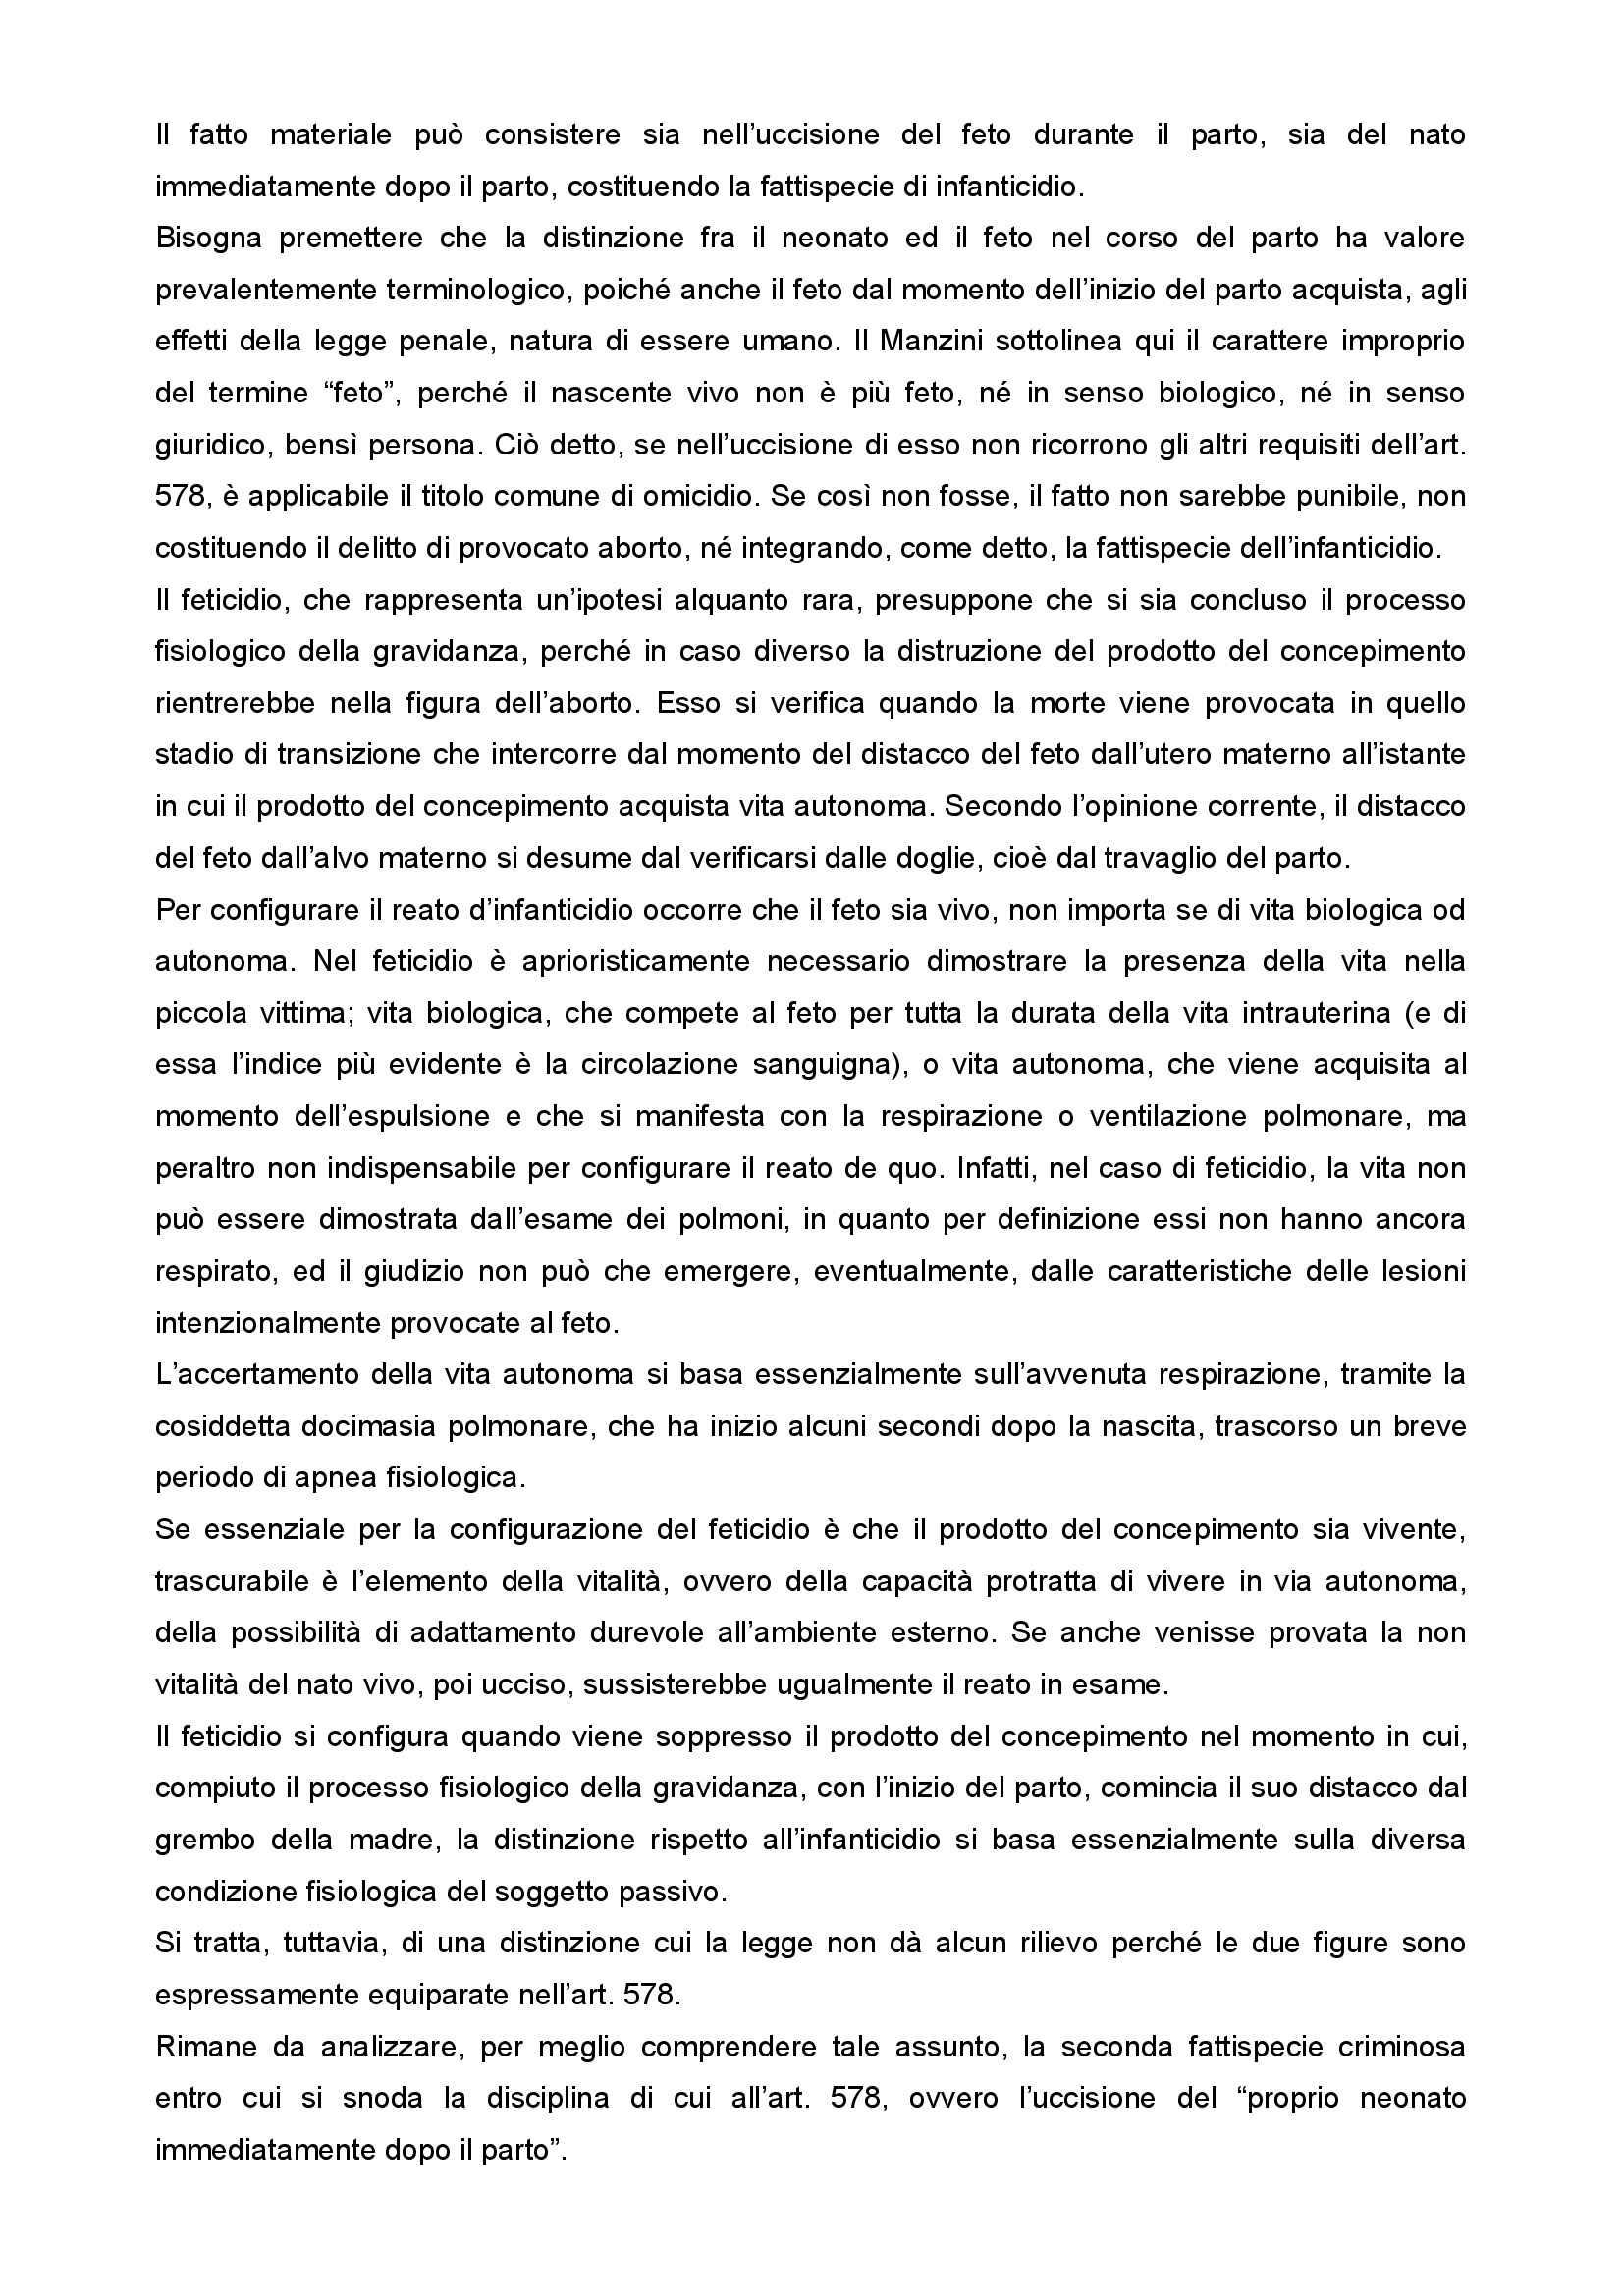 Medicina legale e del lavoro - infanticidio Pag. 6